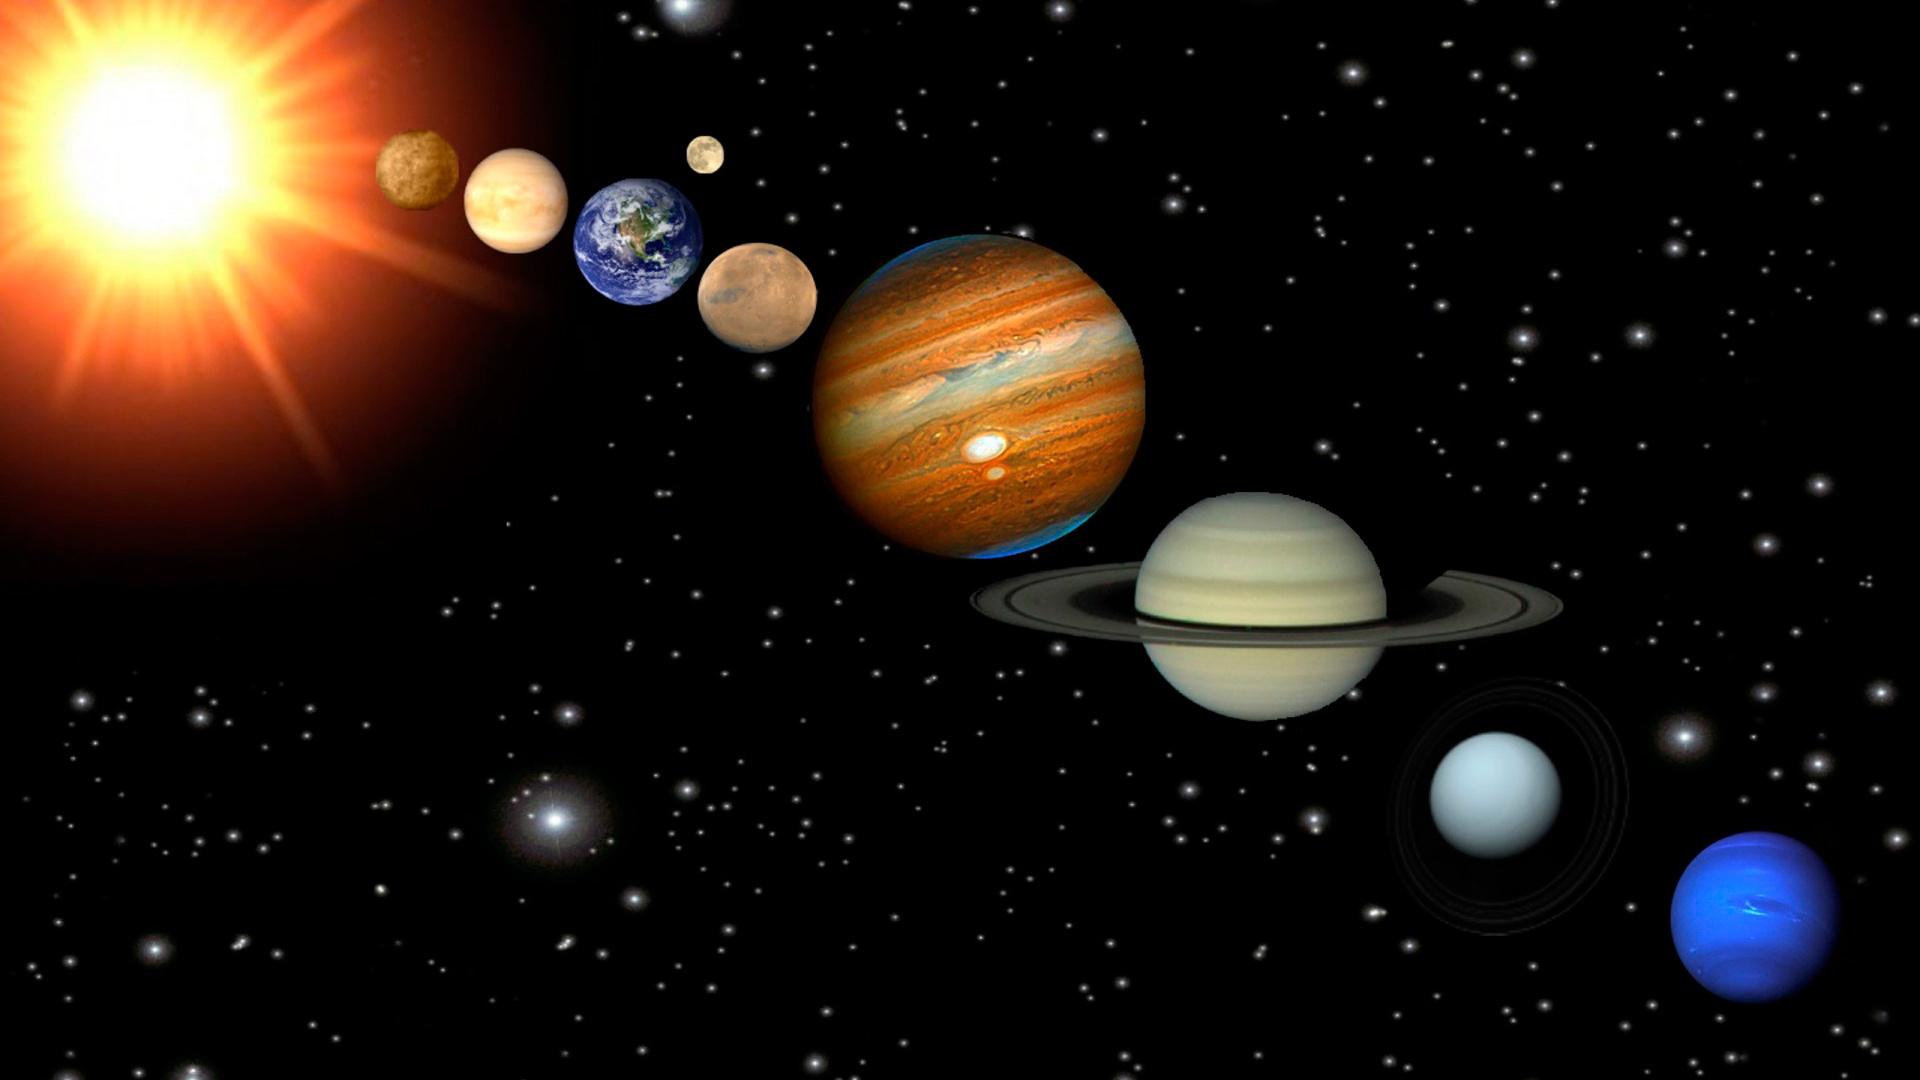 В Московском планетарии рассказали, какие небесные тела можно будет увидеть во время парада планет